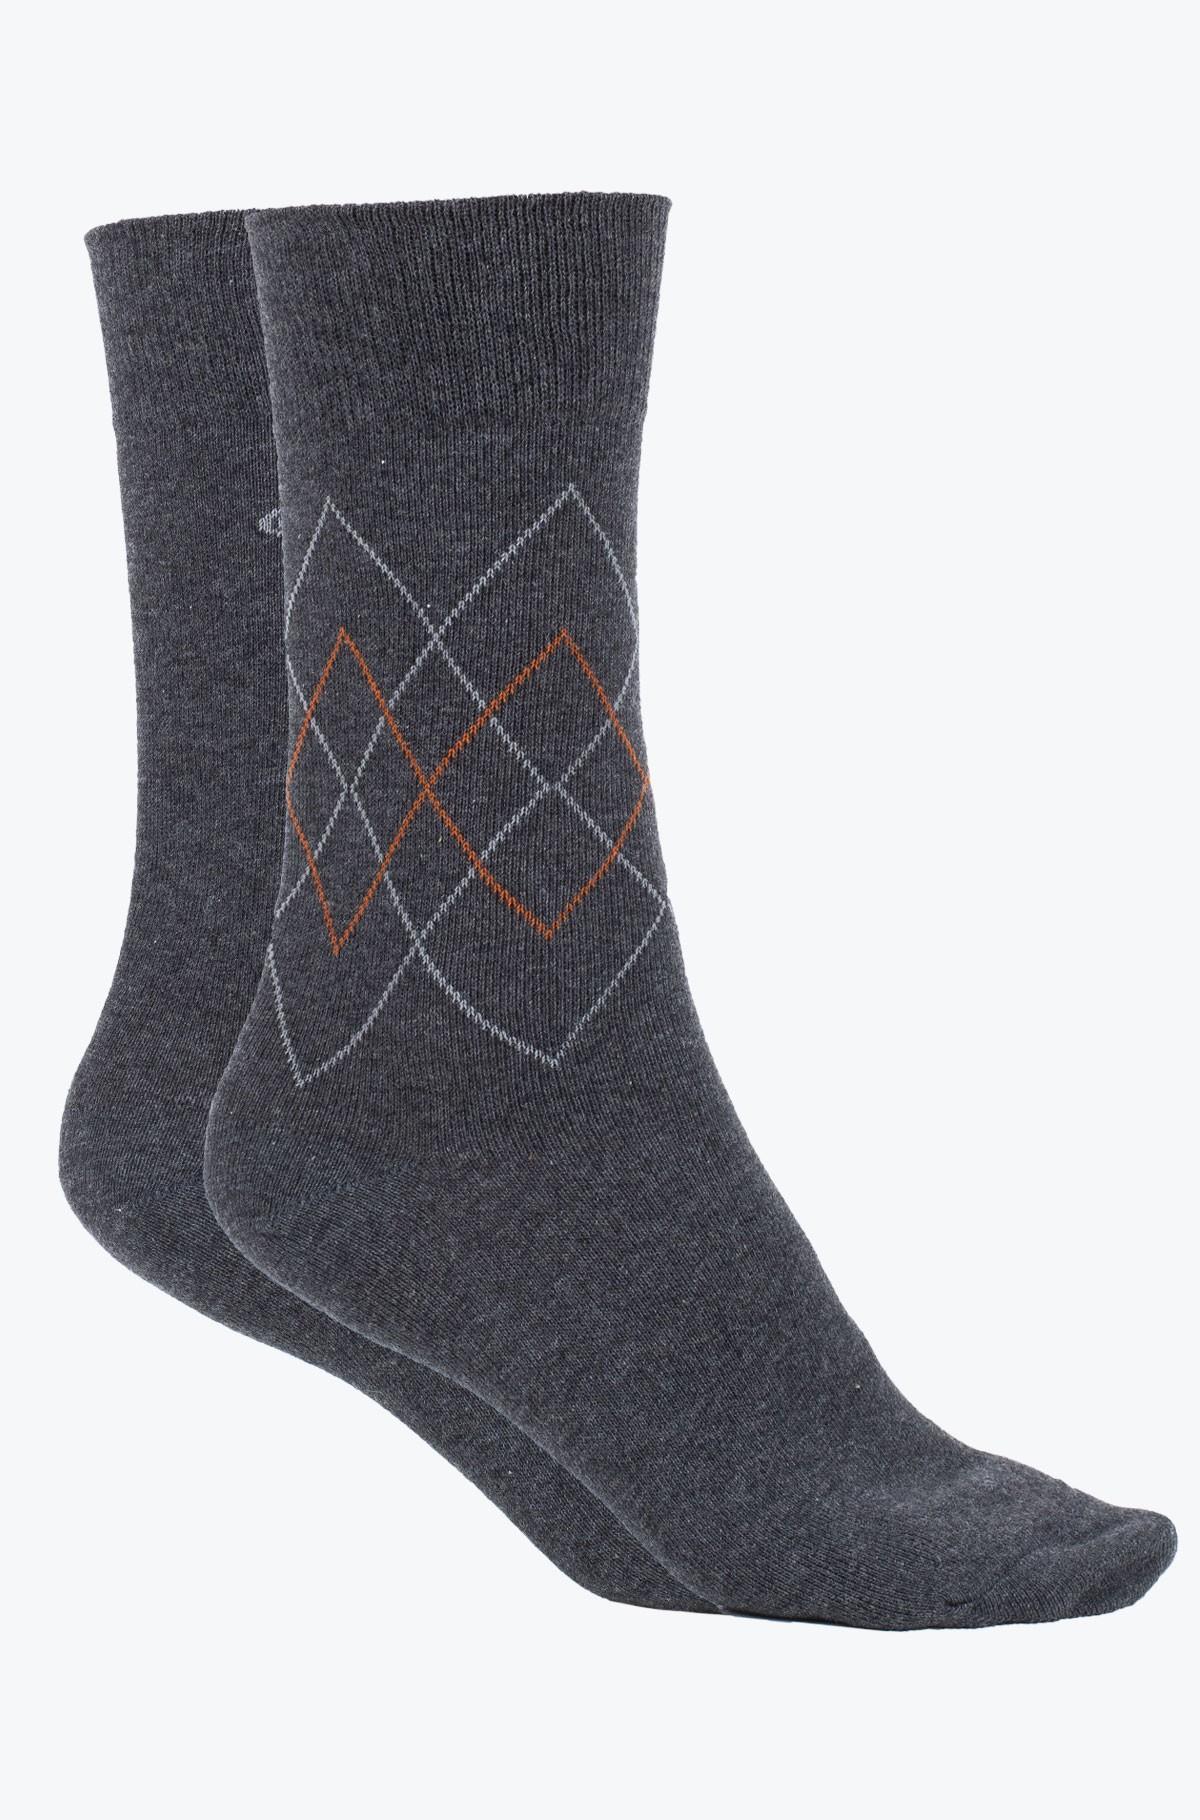 Socks 6461-full-1